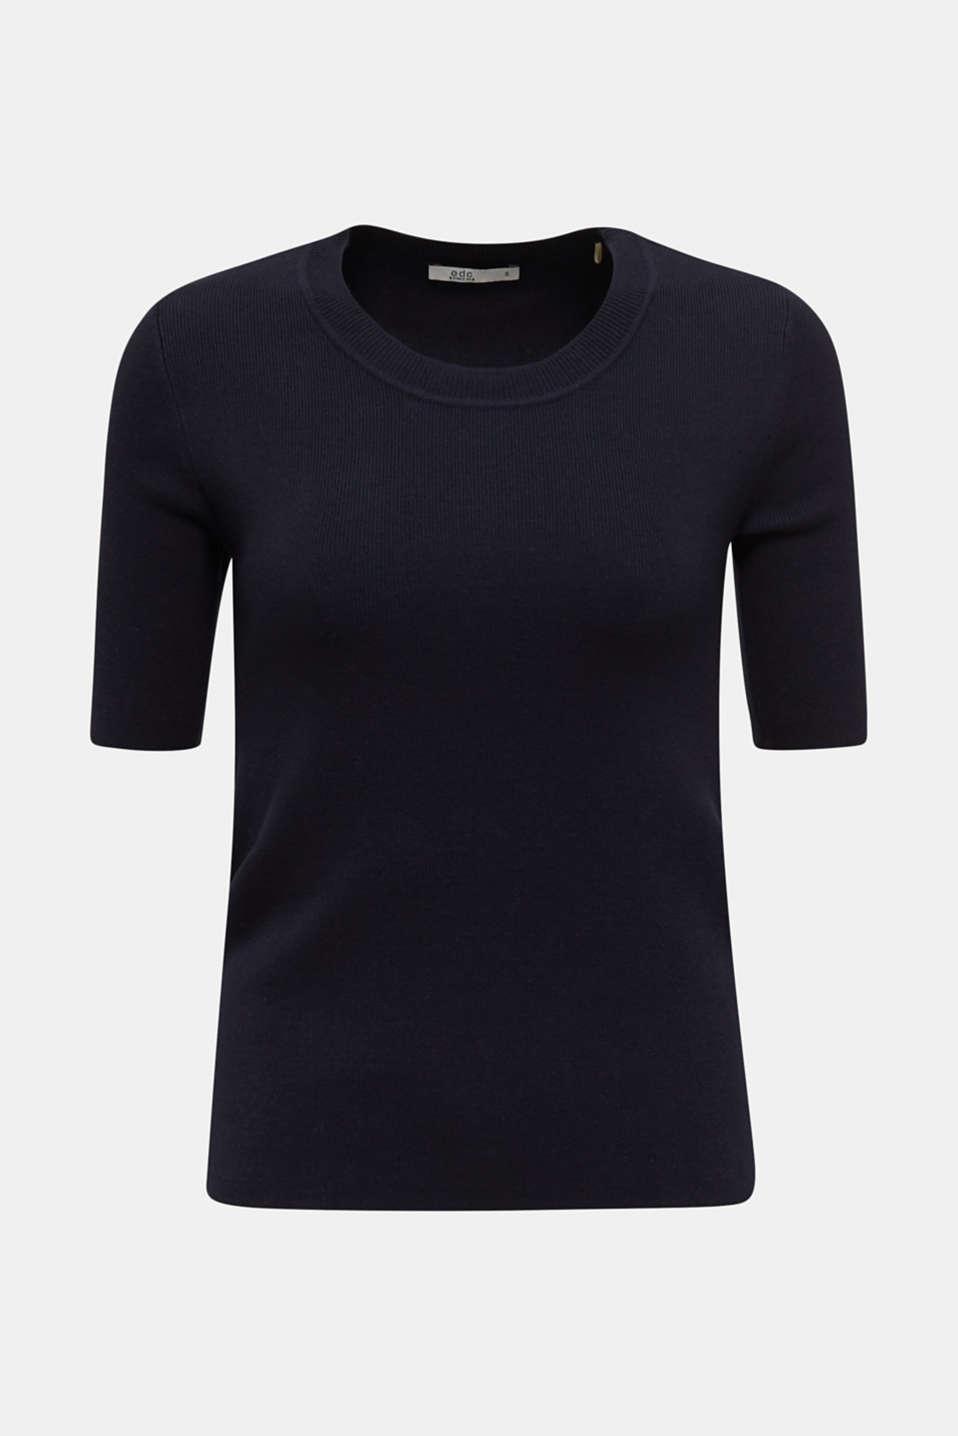 Short-sleeved jumper in blended cotton, NAVY, detail image number 6